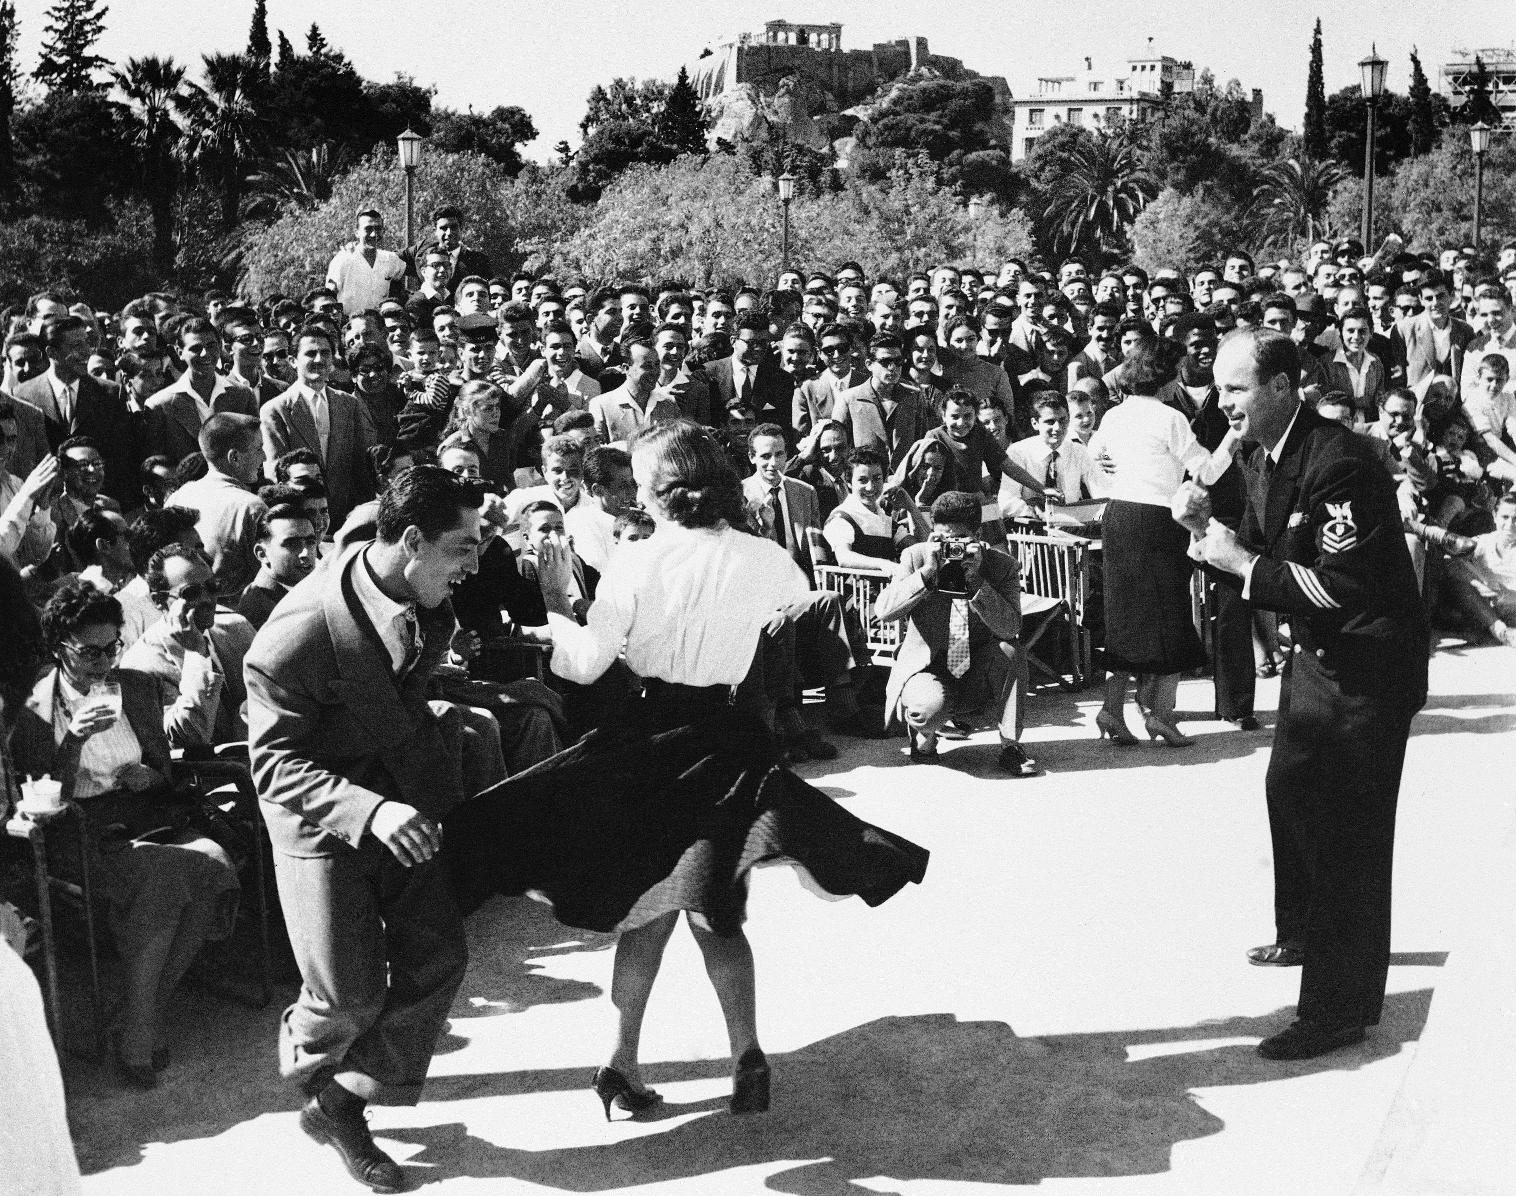 Έλληνες νεολαίοι χορεύουν στους ξέφρενους ρυθμούς του Ροκ εντ ρολ κατά τη διάρκεια συναυλίας της μπάντας του αμερικανικού στόλου στην Αθήνα, το 1957. (AP Photo) - Πηγή Καθημερινή